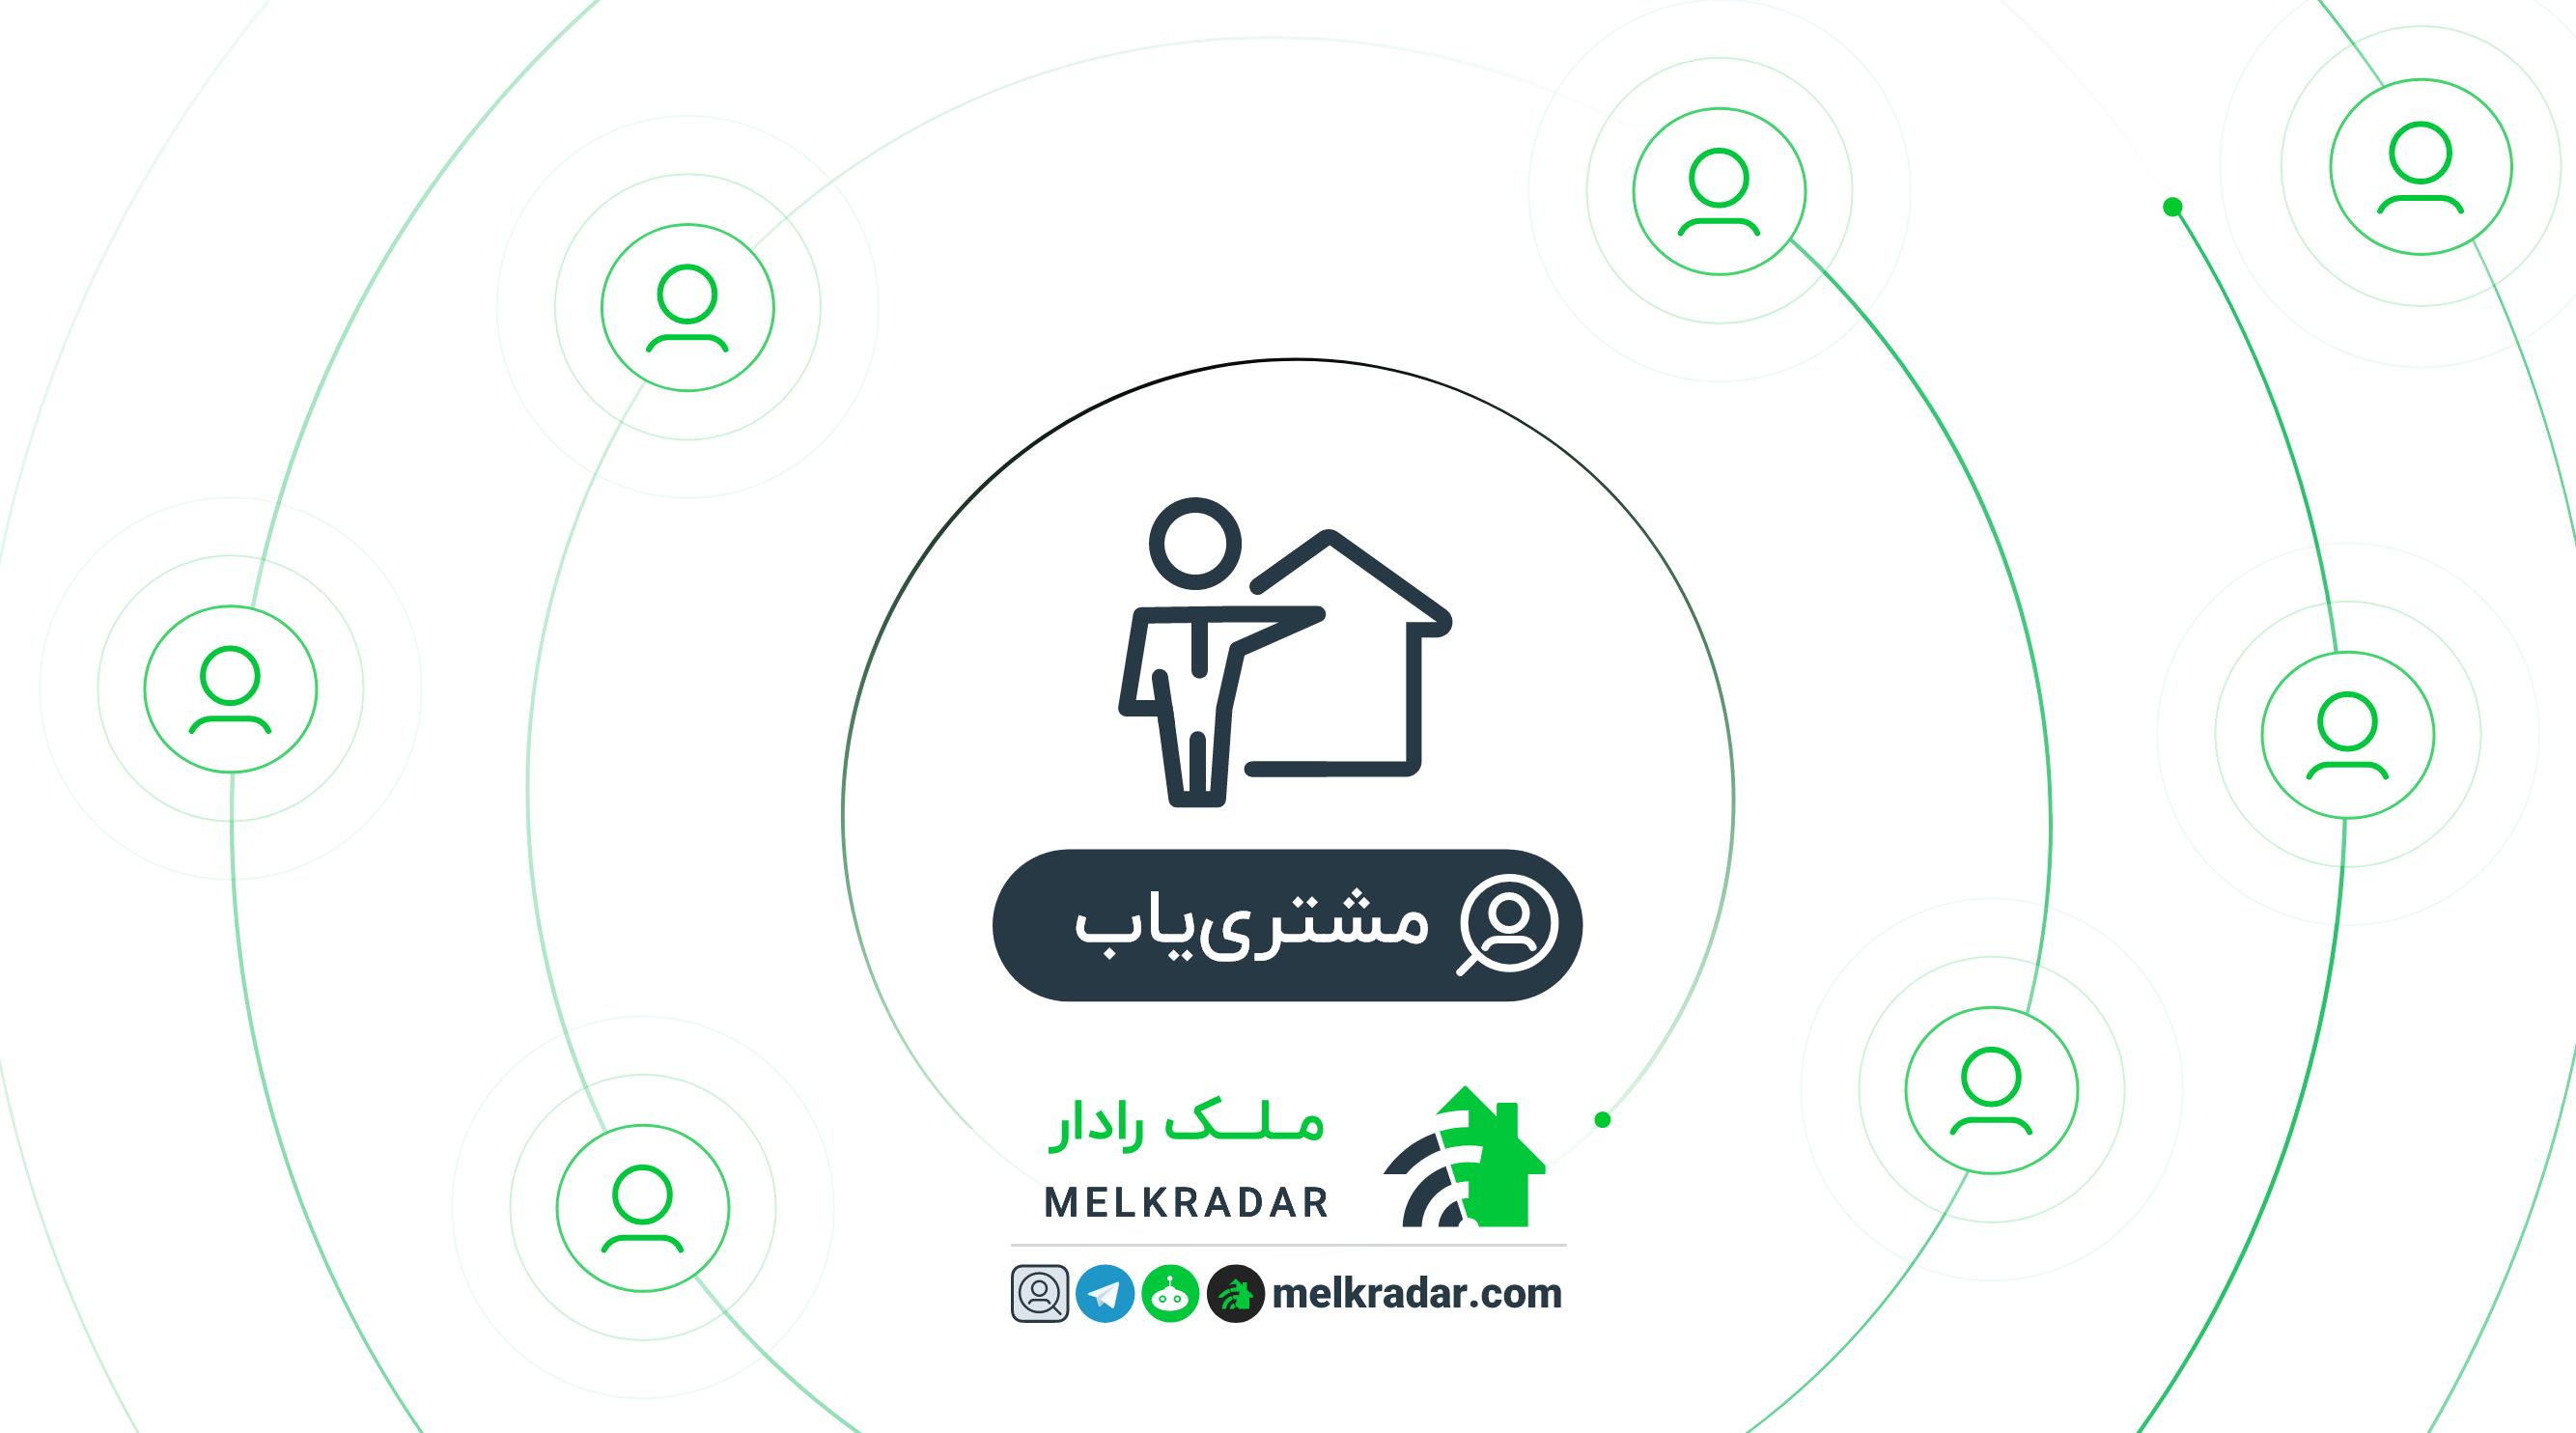 سرویس مشترییاب ملکرادار به شما کمک میکند راحتتر و سریعتر ملک مدنظرتون رو پیدا کنید.